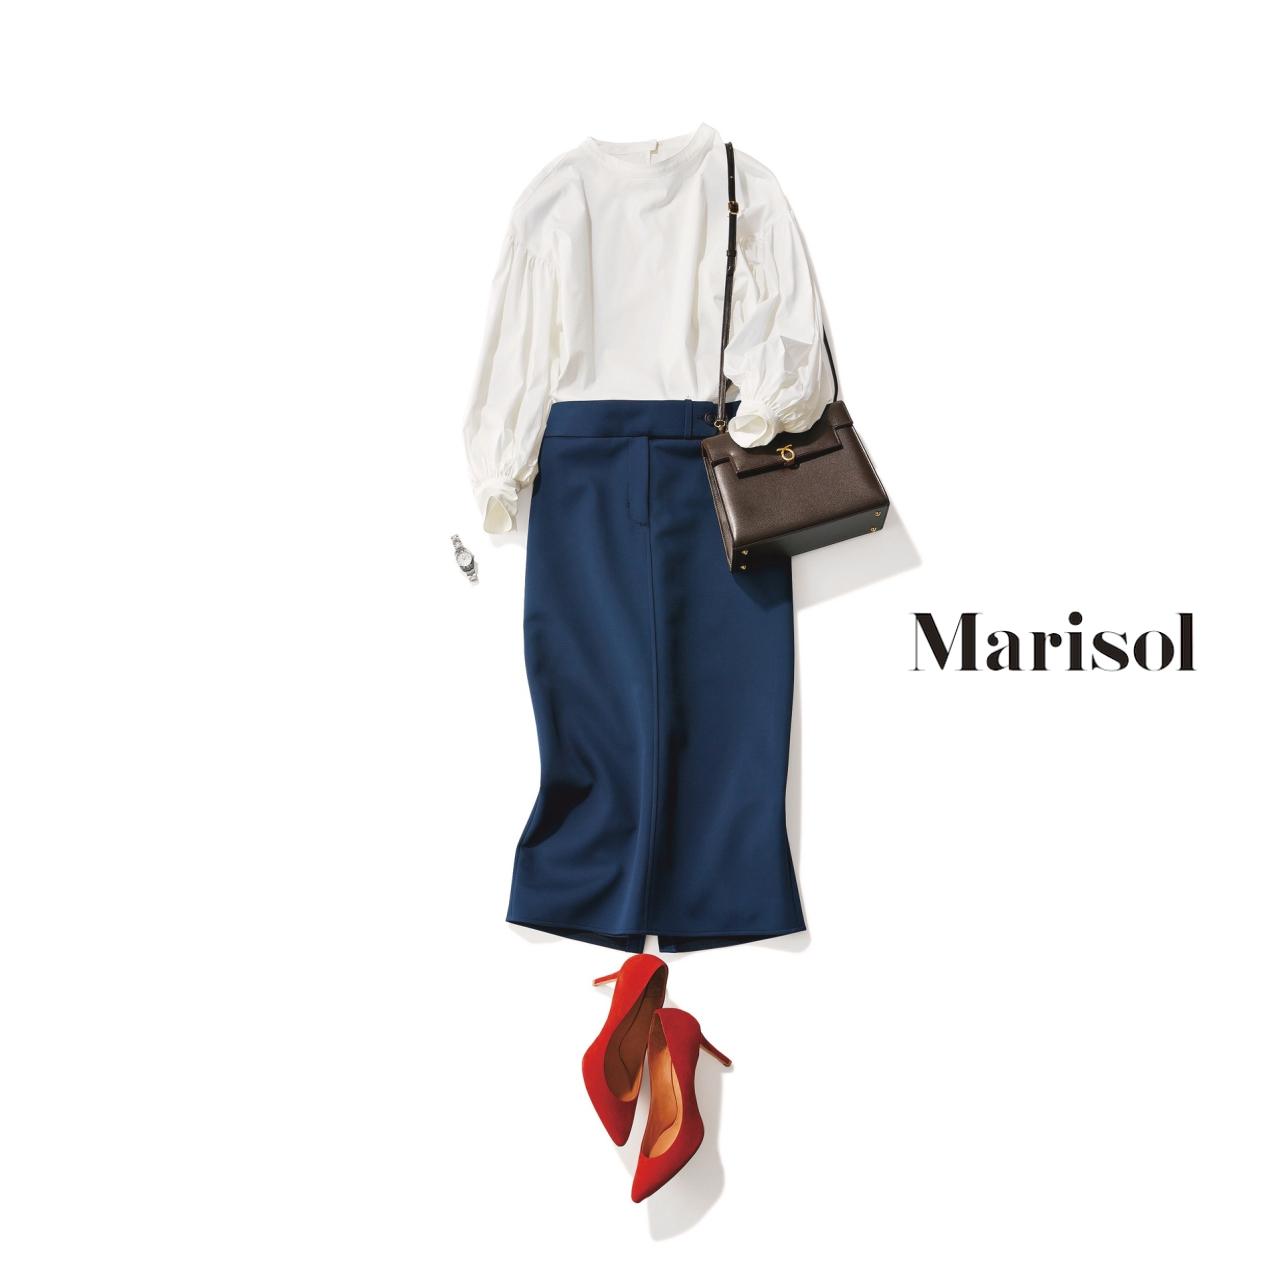 40代ファッション 白ブラウス×ネイビースカートコーデ